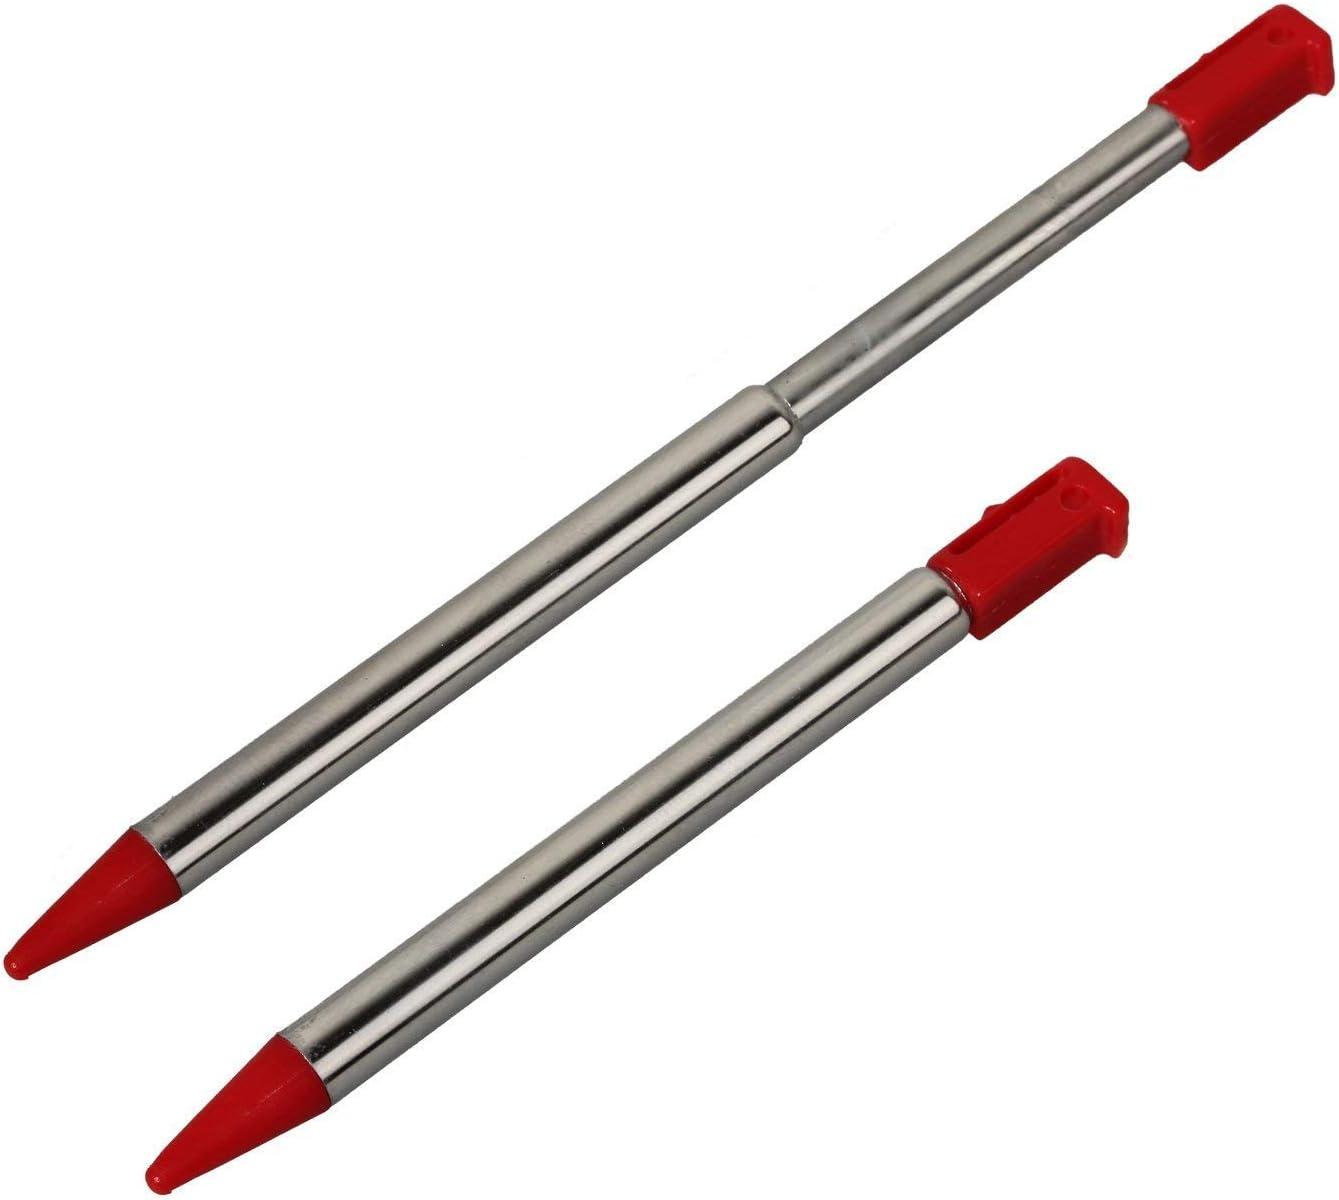 Ejiasu Penna Multifunzione A Penna A Sfera, Penna A Stilo Retrattile In Metallo Per La Console 3Ds